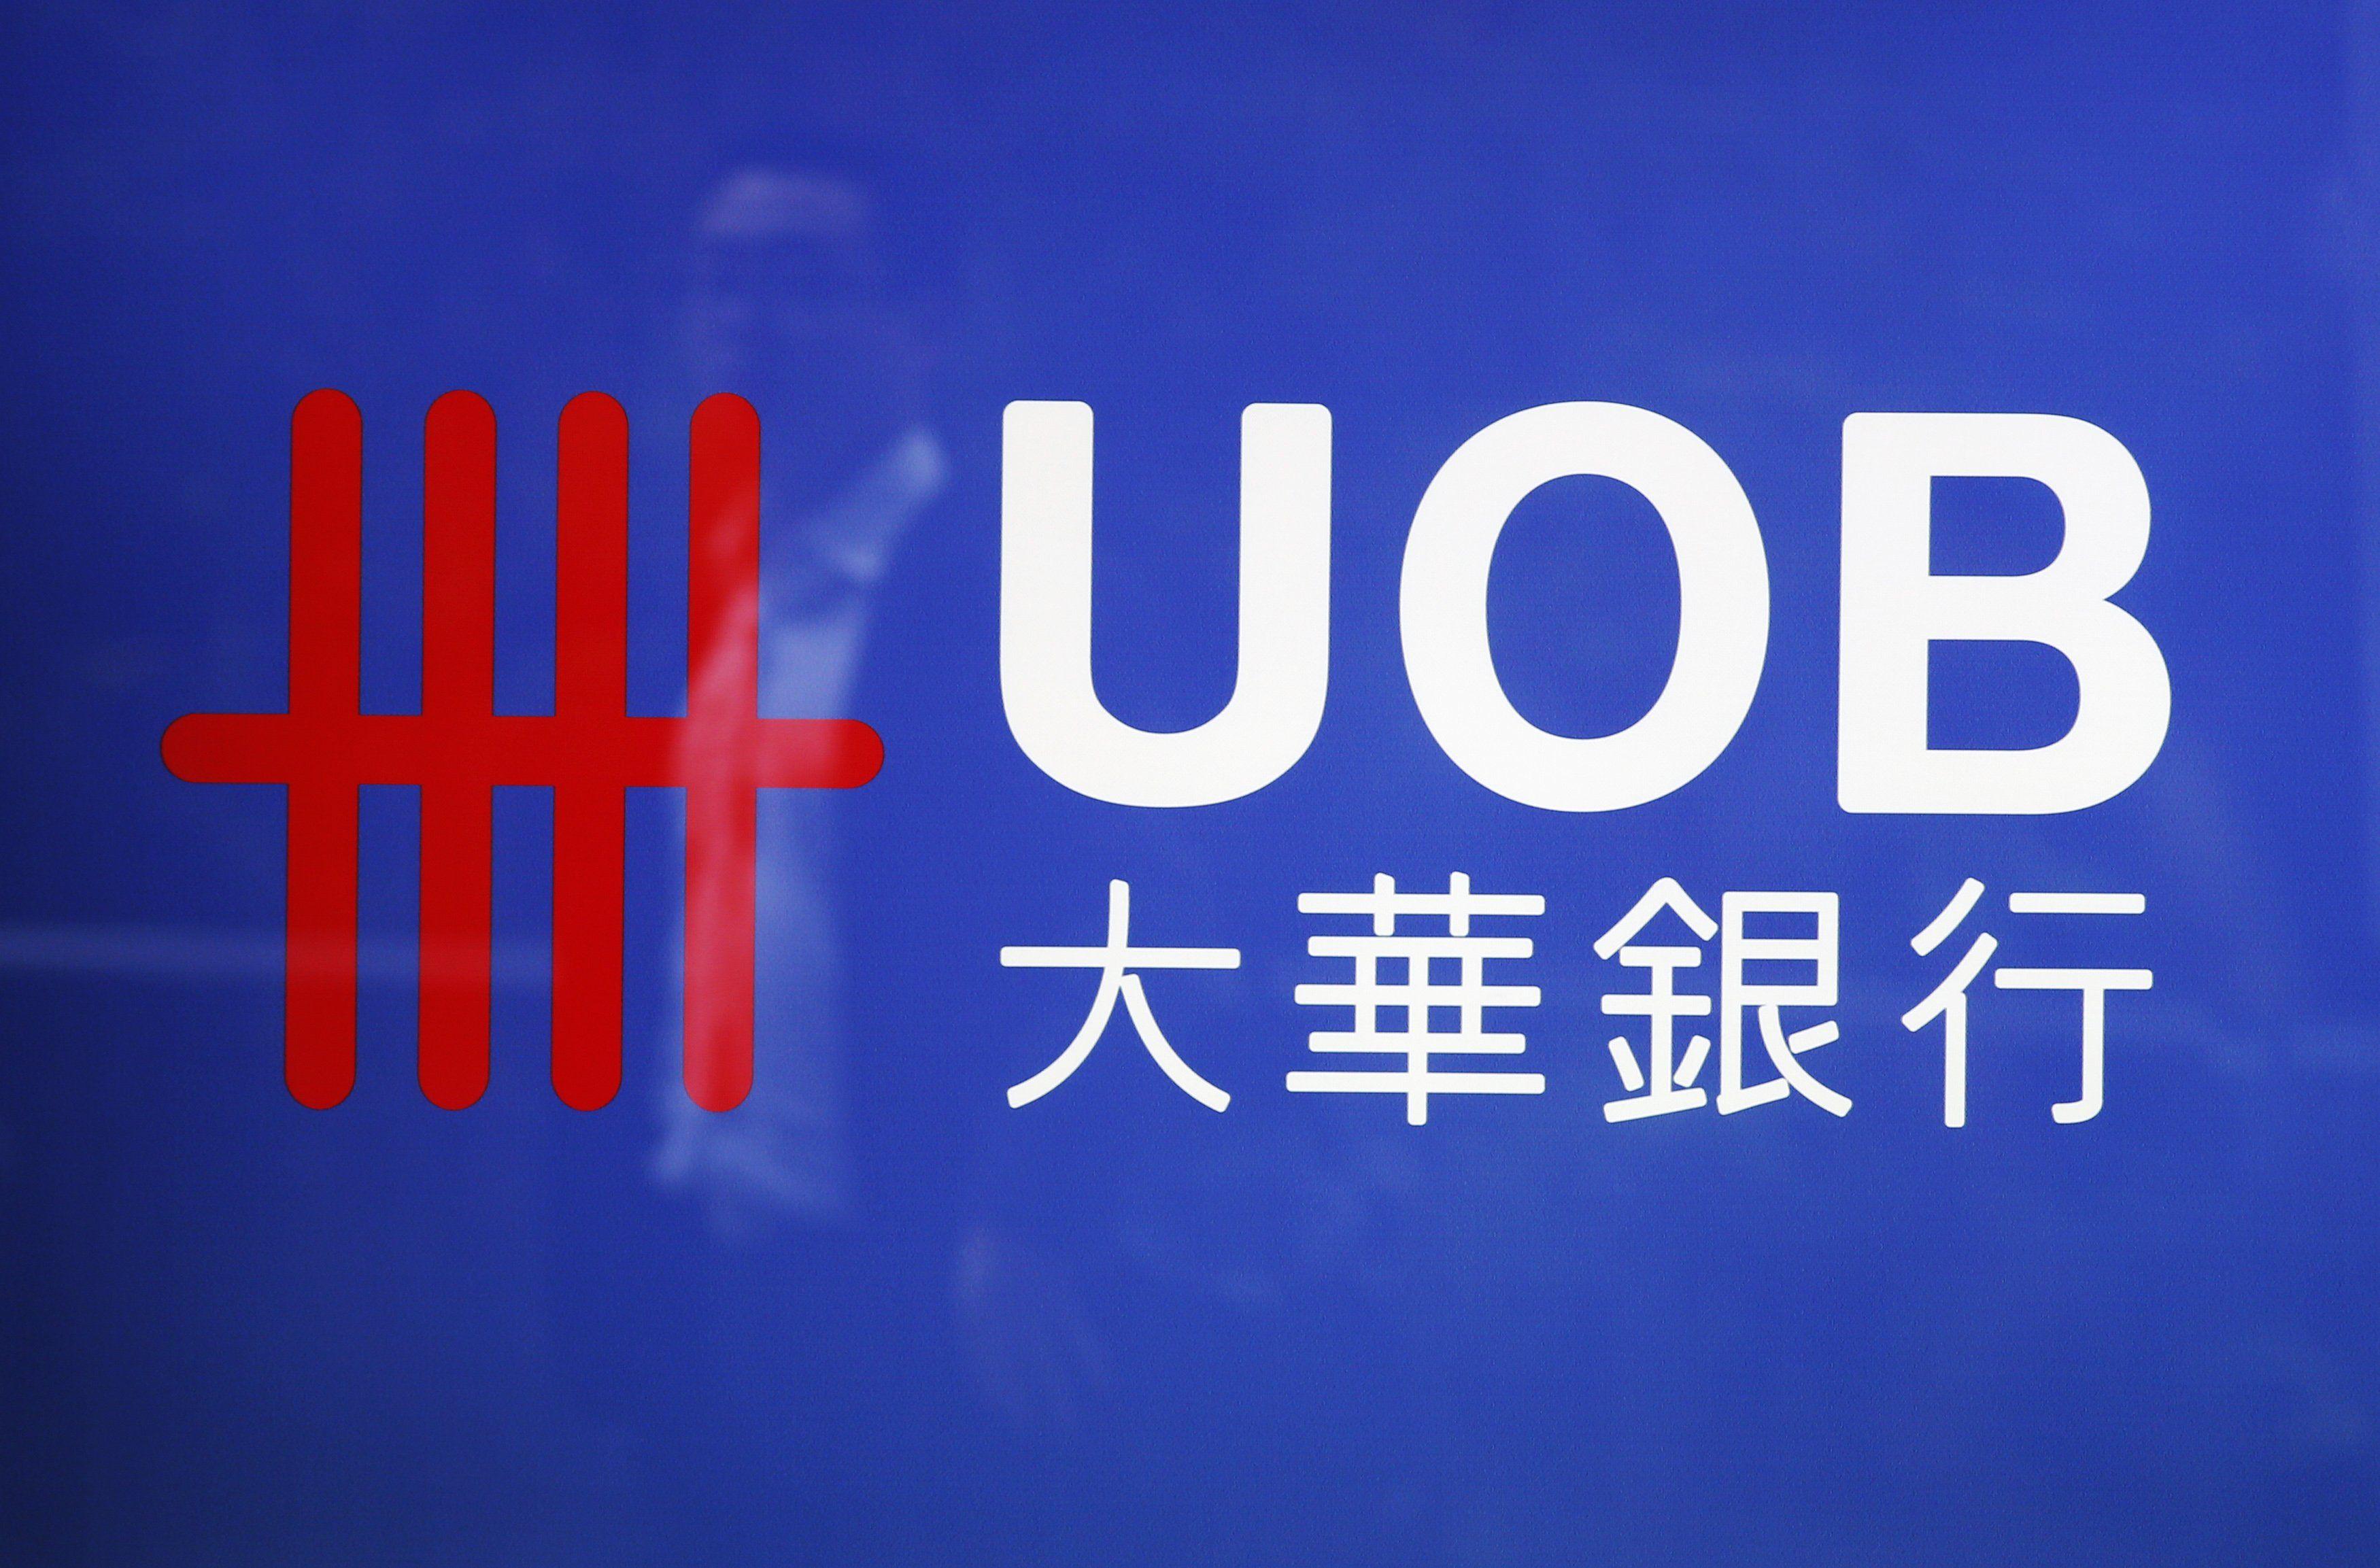 توقعات بنك UOB للأزواج الرئيسية - 22 فبراير